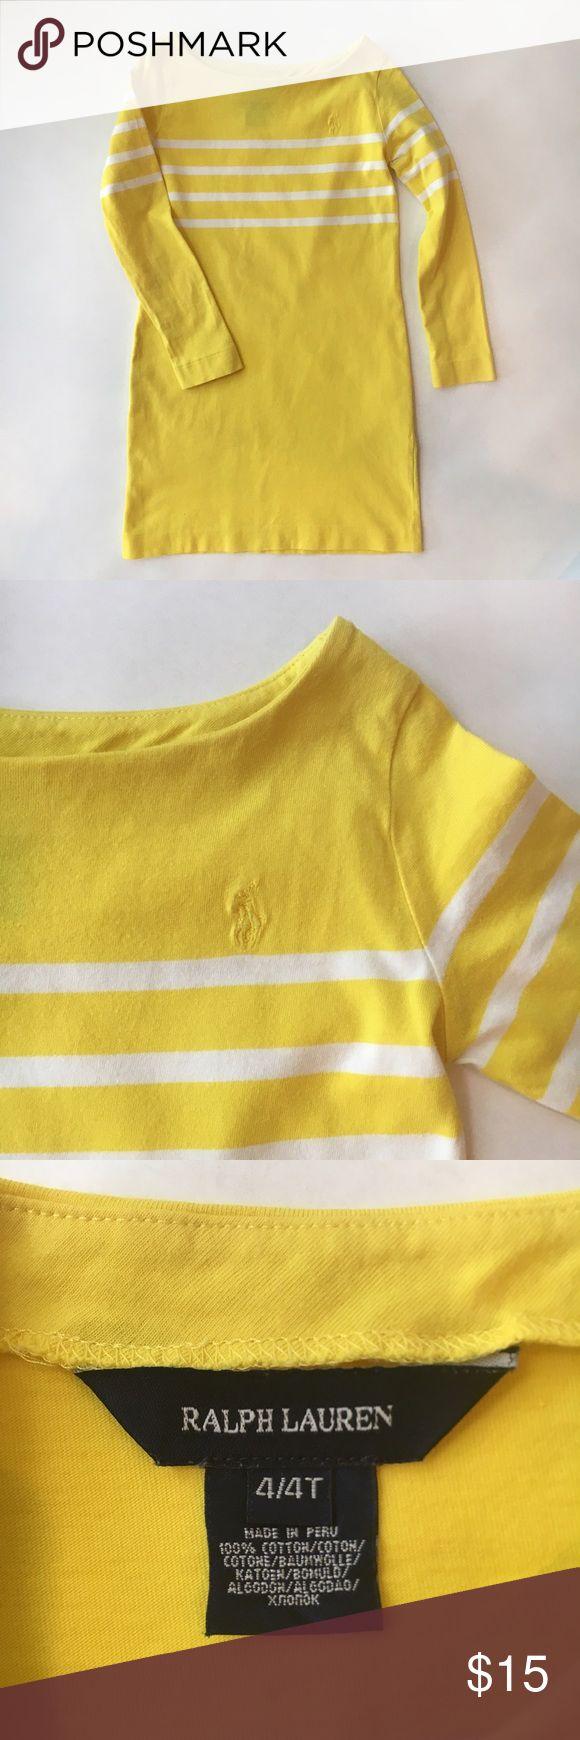 Ralph Lauren dress ☀️ Ralph Lauren sunny yellow beach dress Soft jersey fabric Classic yellow with white stripes Ralph Lauren Dresses